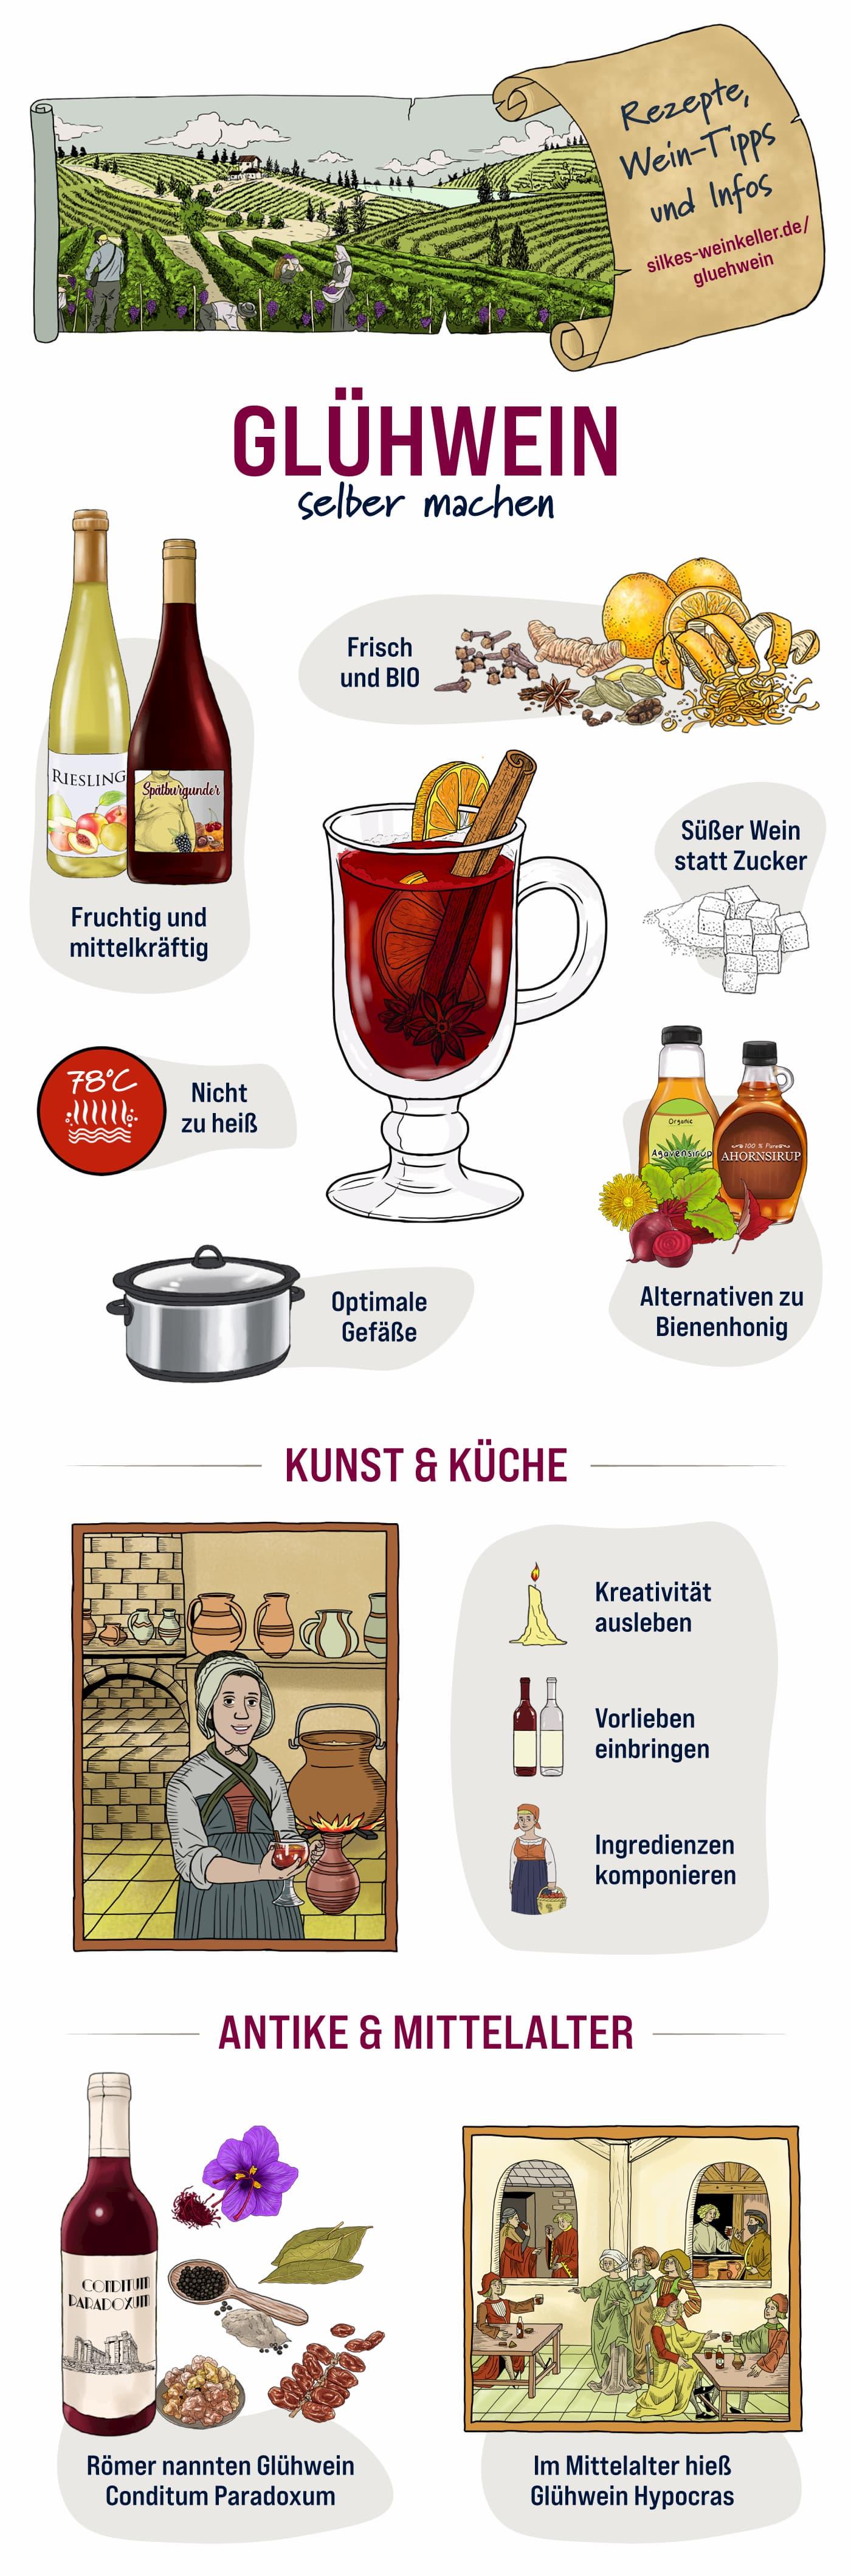 Infografik mit verschiedenen Elementen rund um Glühwein